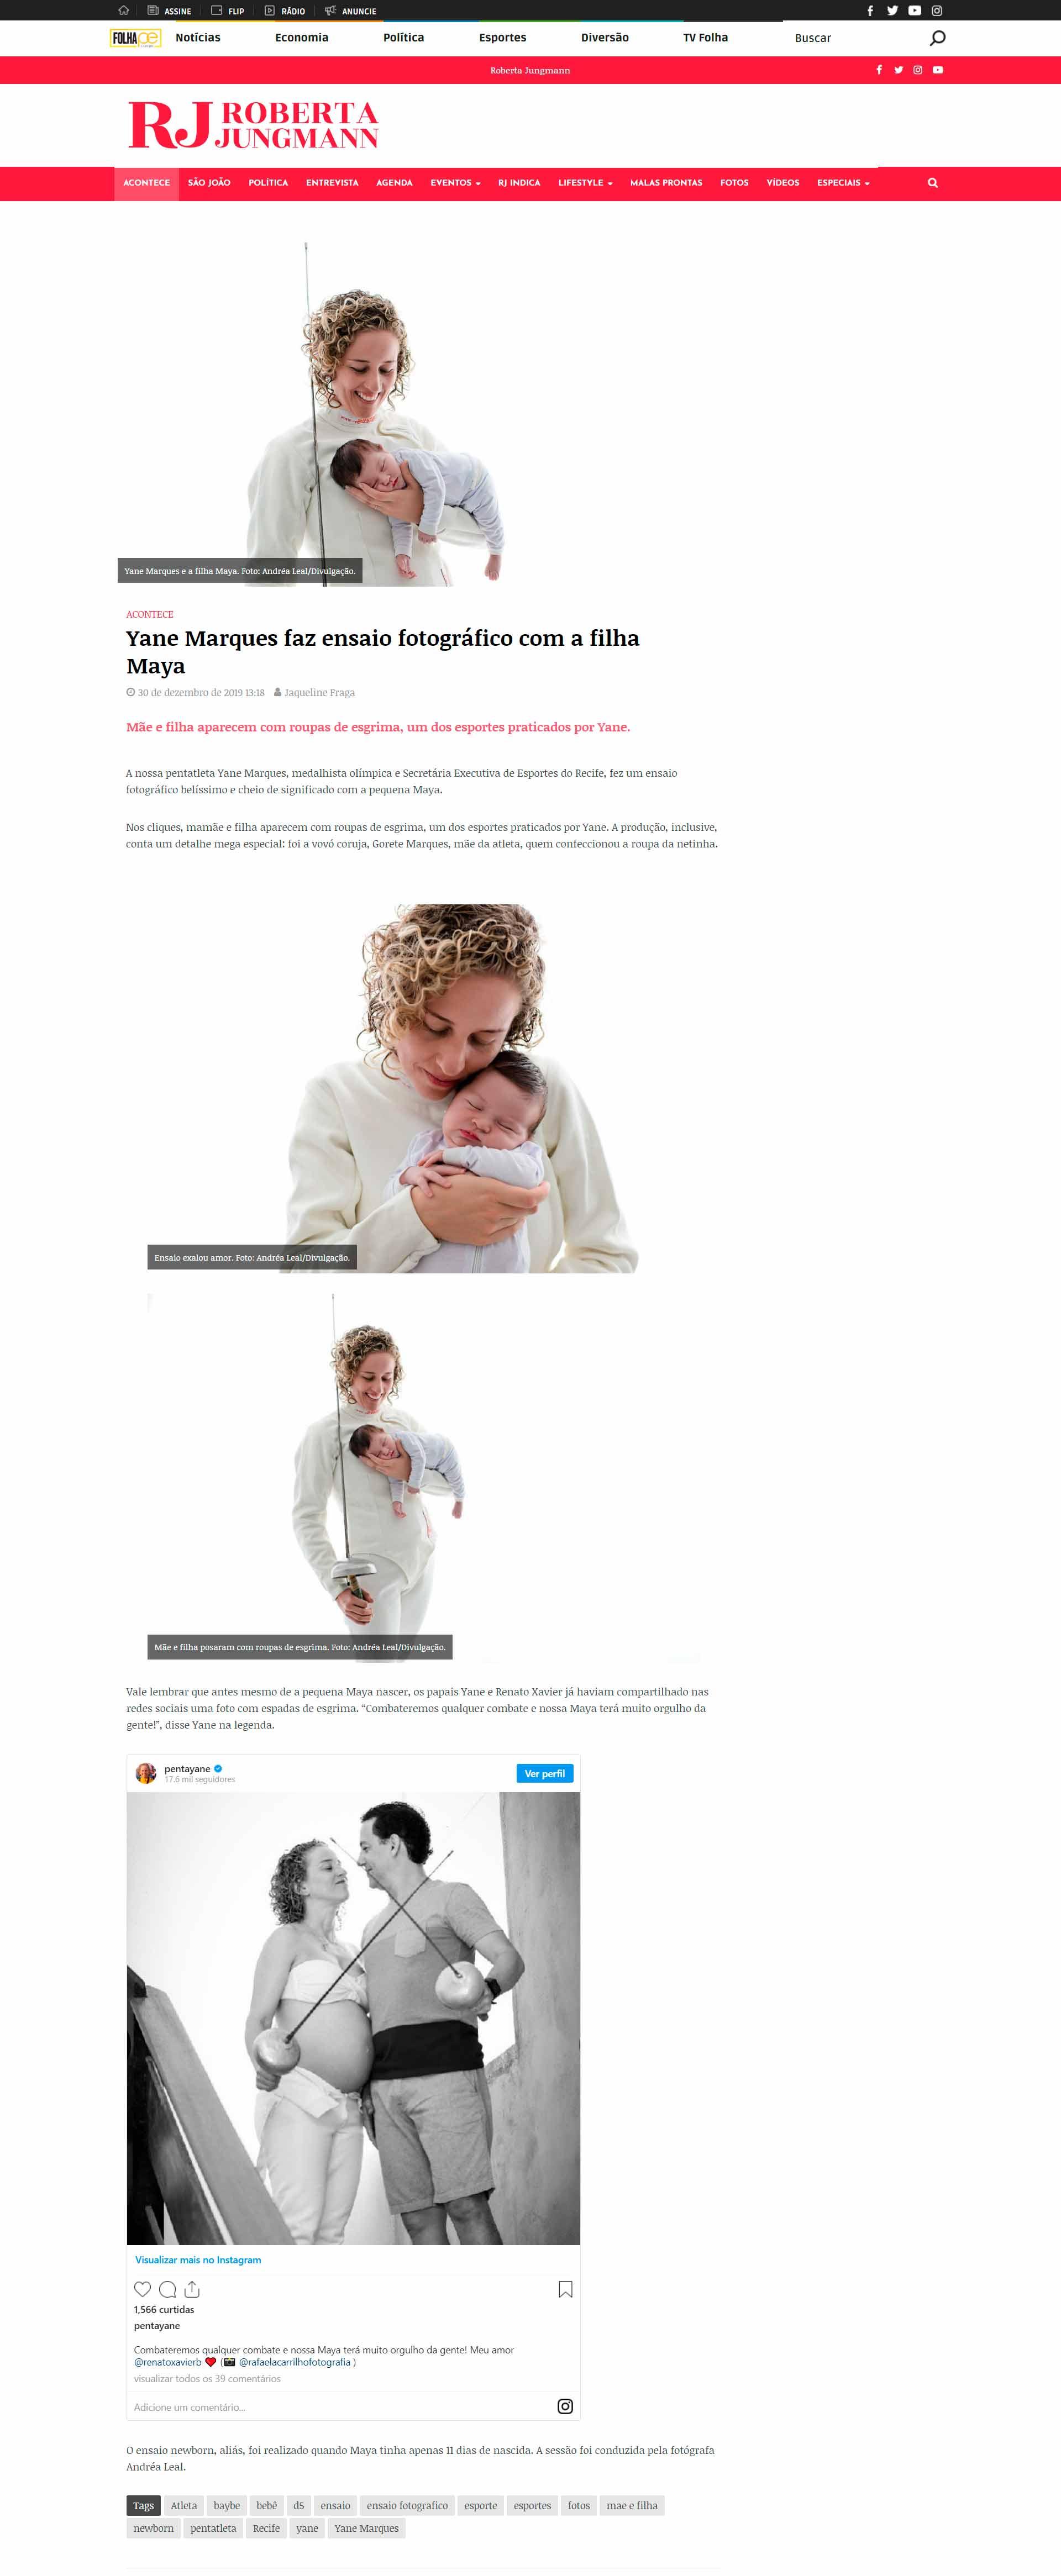 screencapture-robertajungmann-br-2019-12-30-meghan-e-harry-vao-passar-o-reveillon-em-mansao-de-r-52-milhoes-2020-01-24-11_16_33